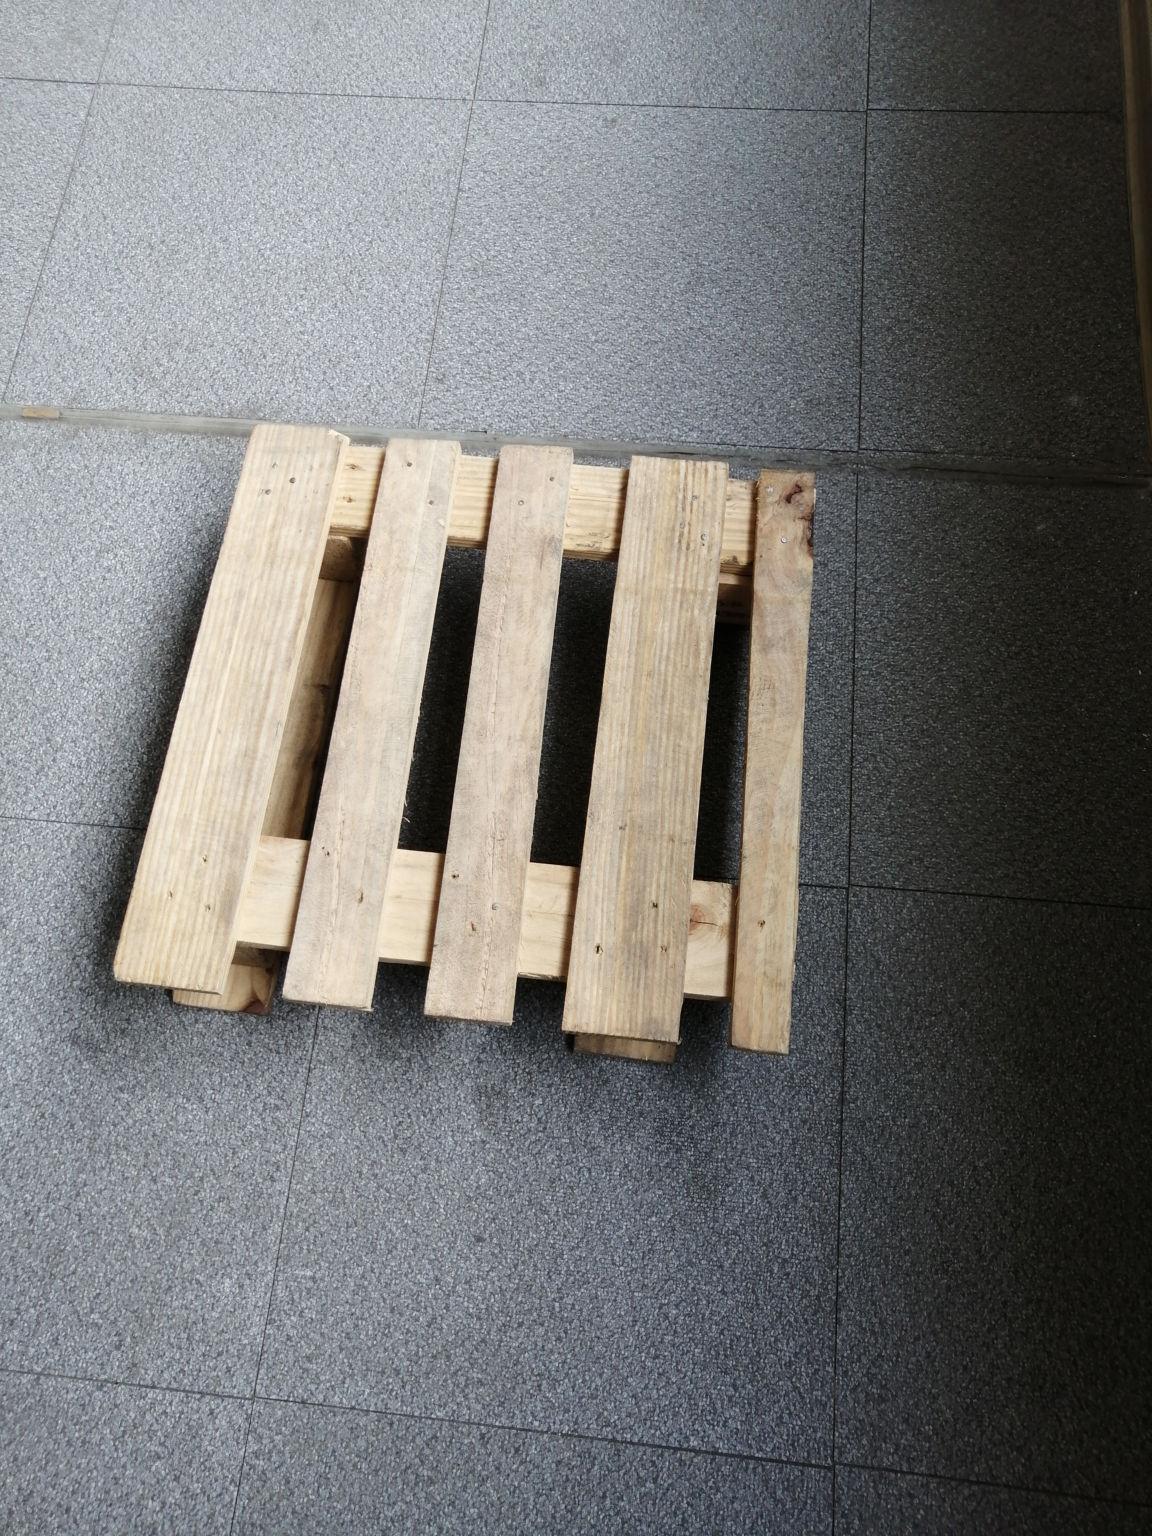 苏州?,☳☷✚①?质单面木托盘厂家批发托盘结构尺寸标准不规则的